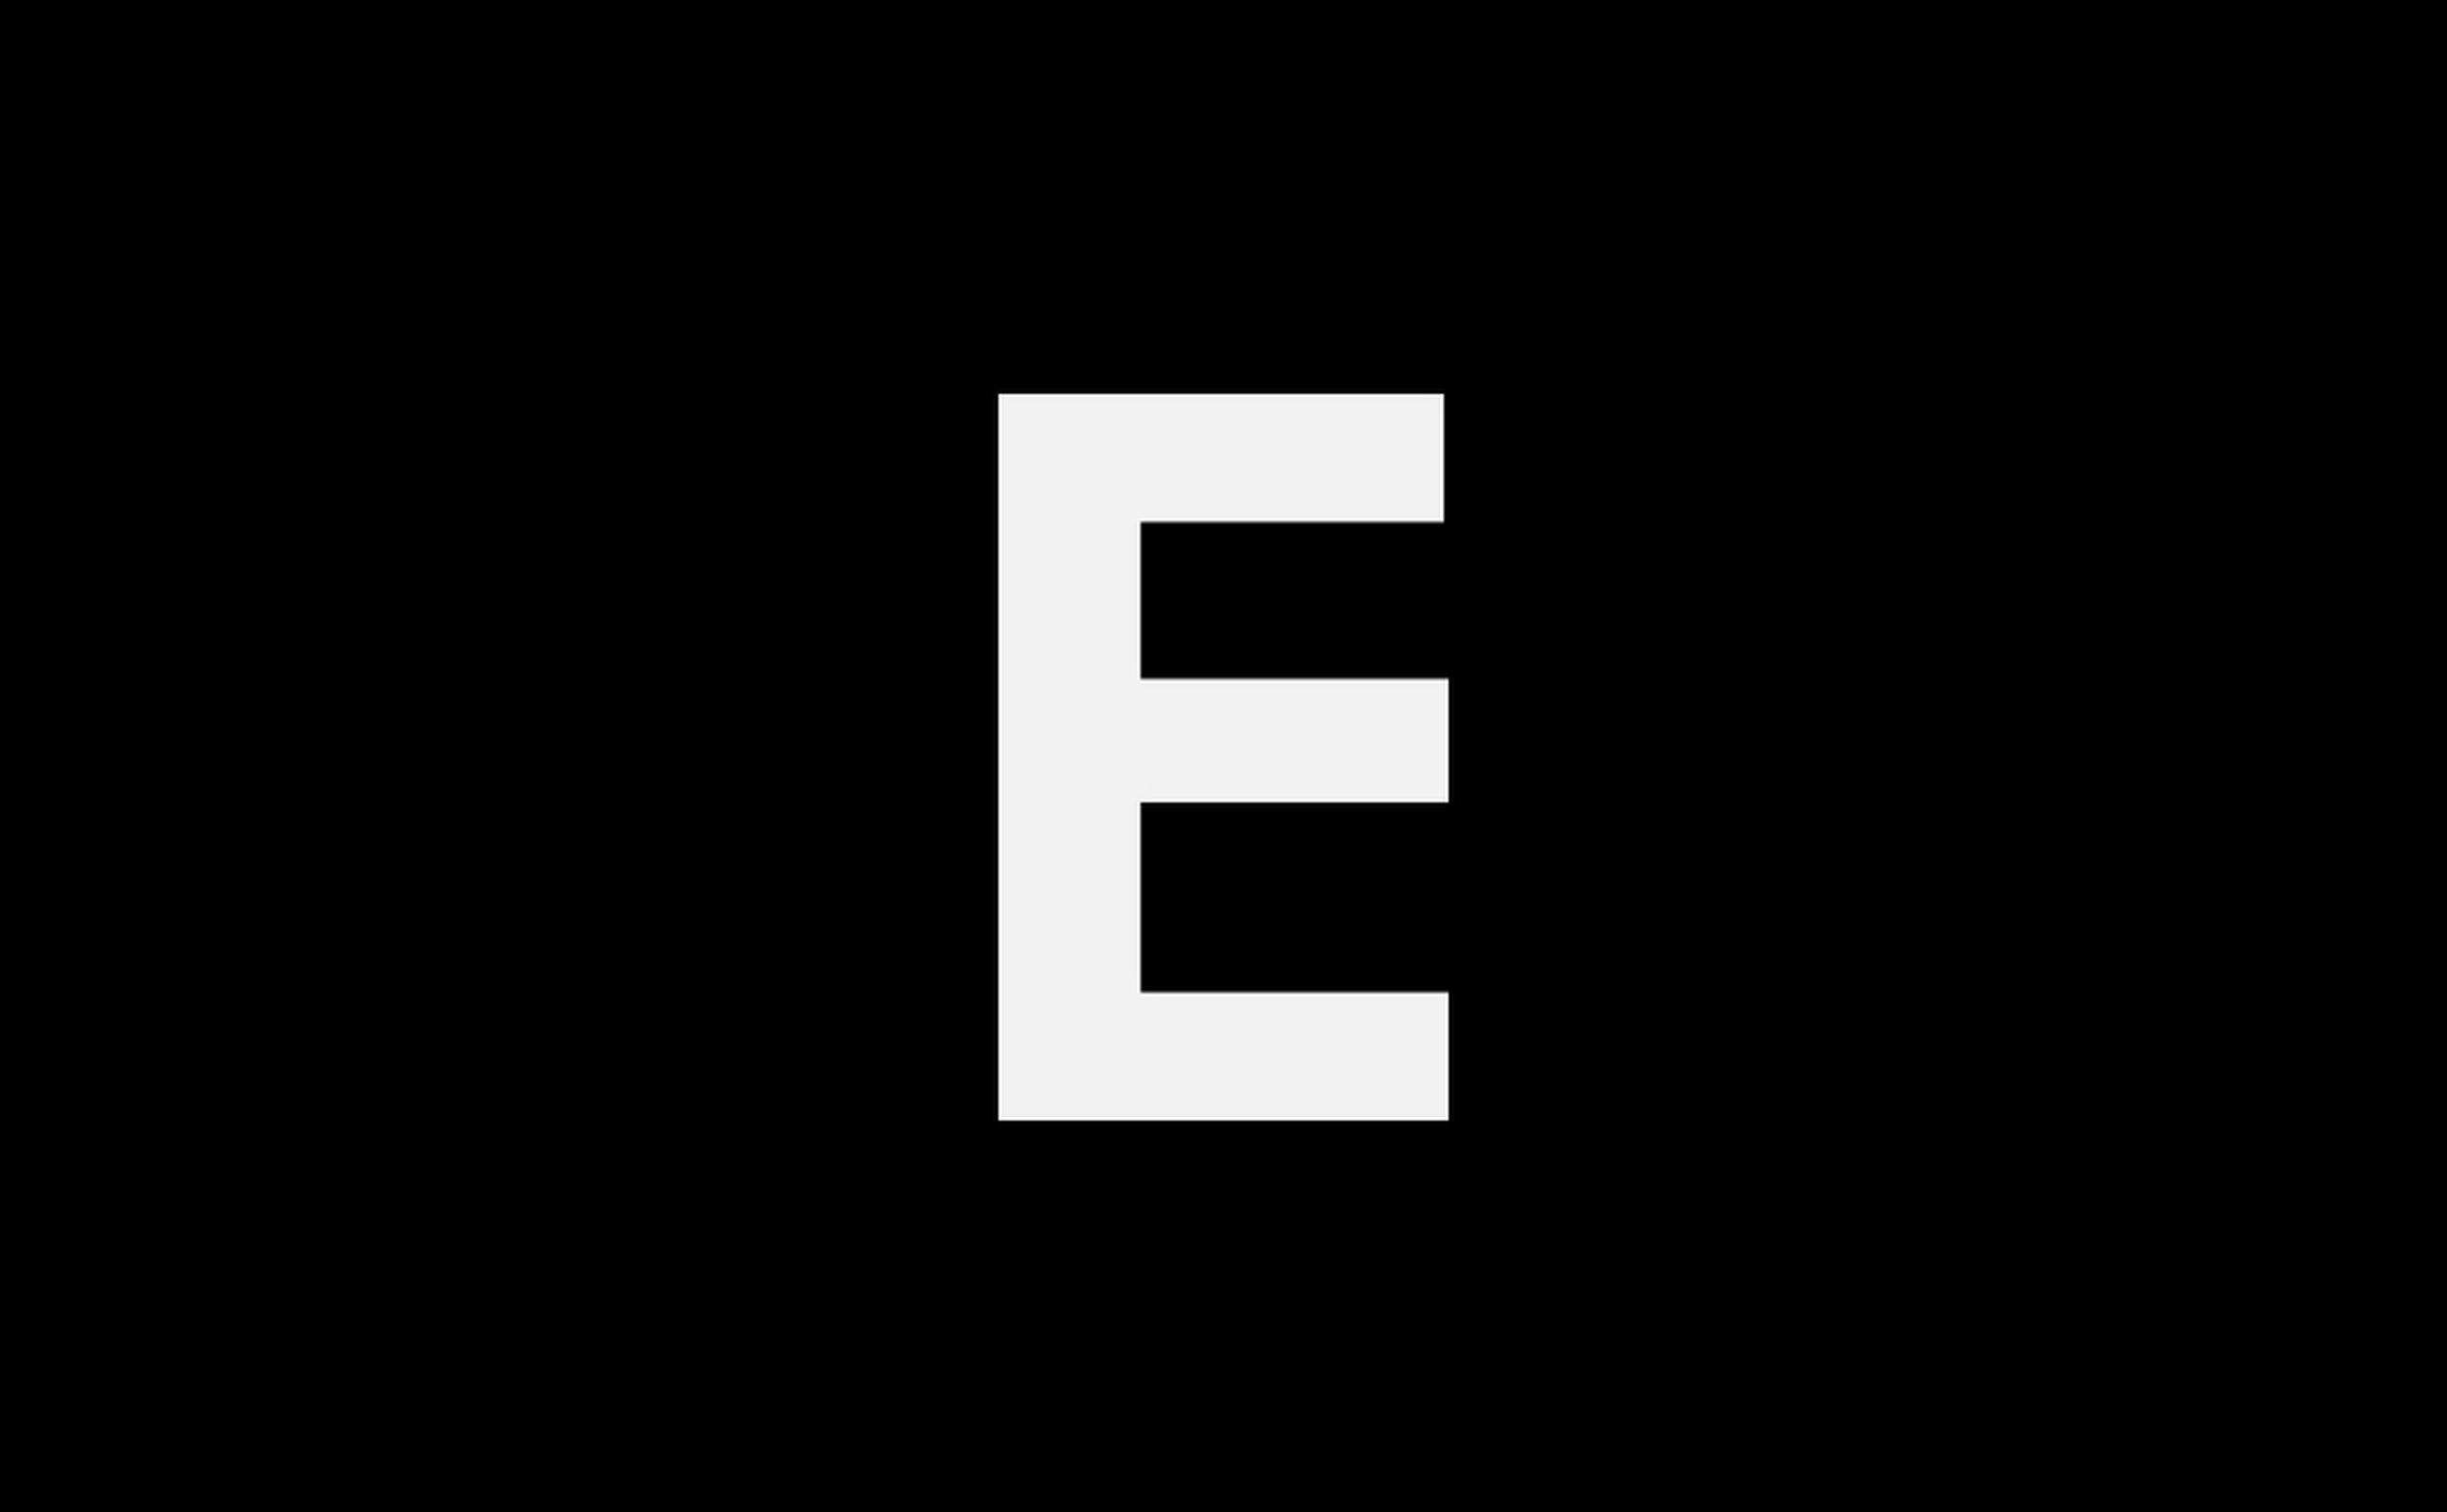 MEN SITTING ON MOUNTAIN AGAINST MOUNTAINS